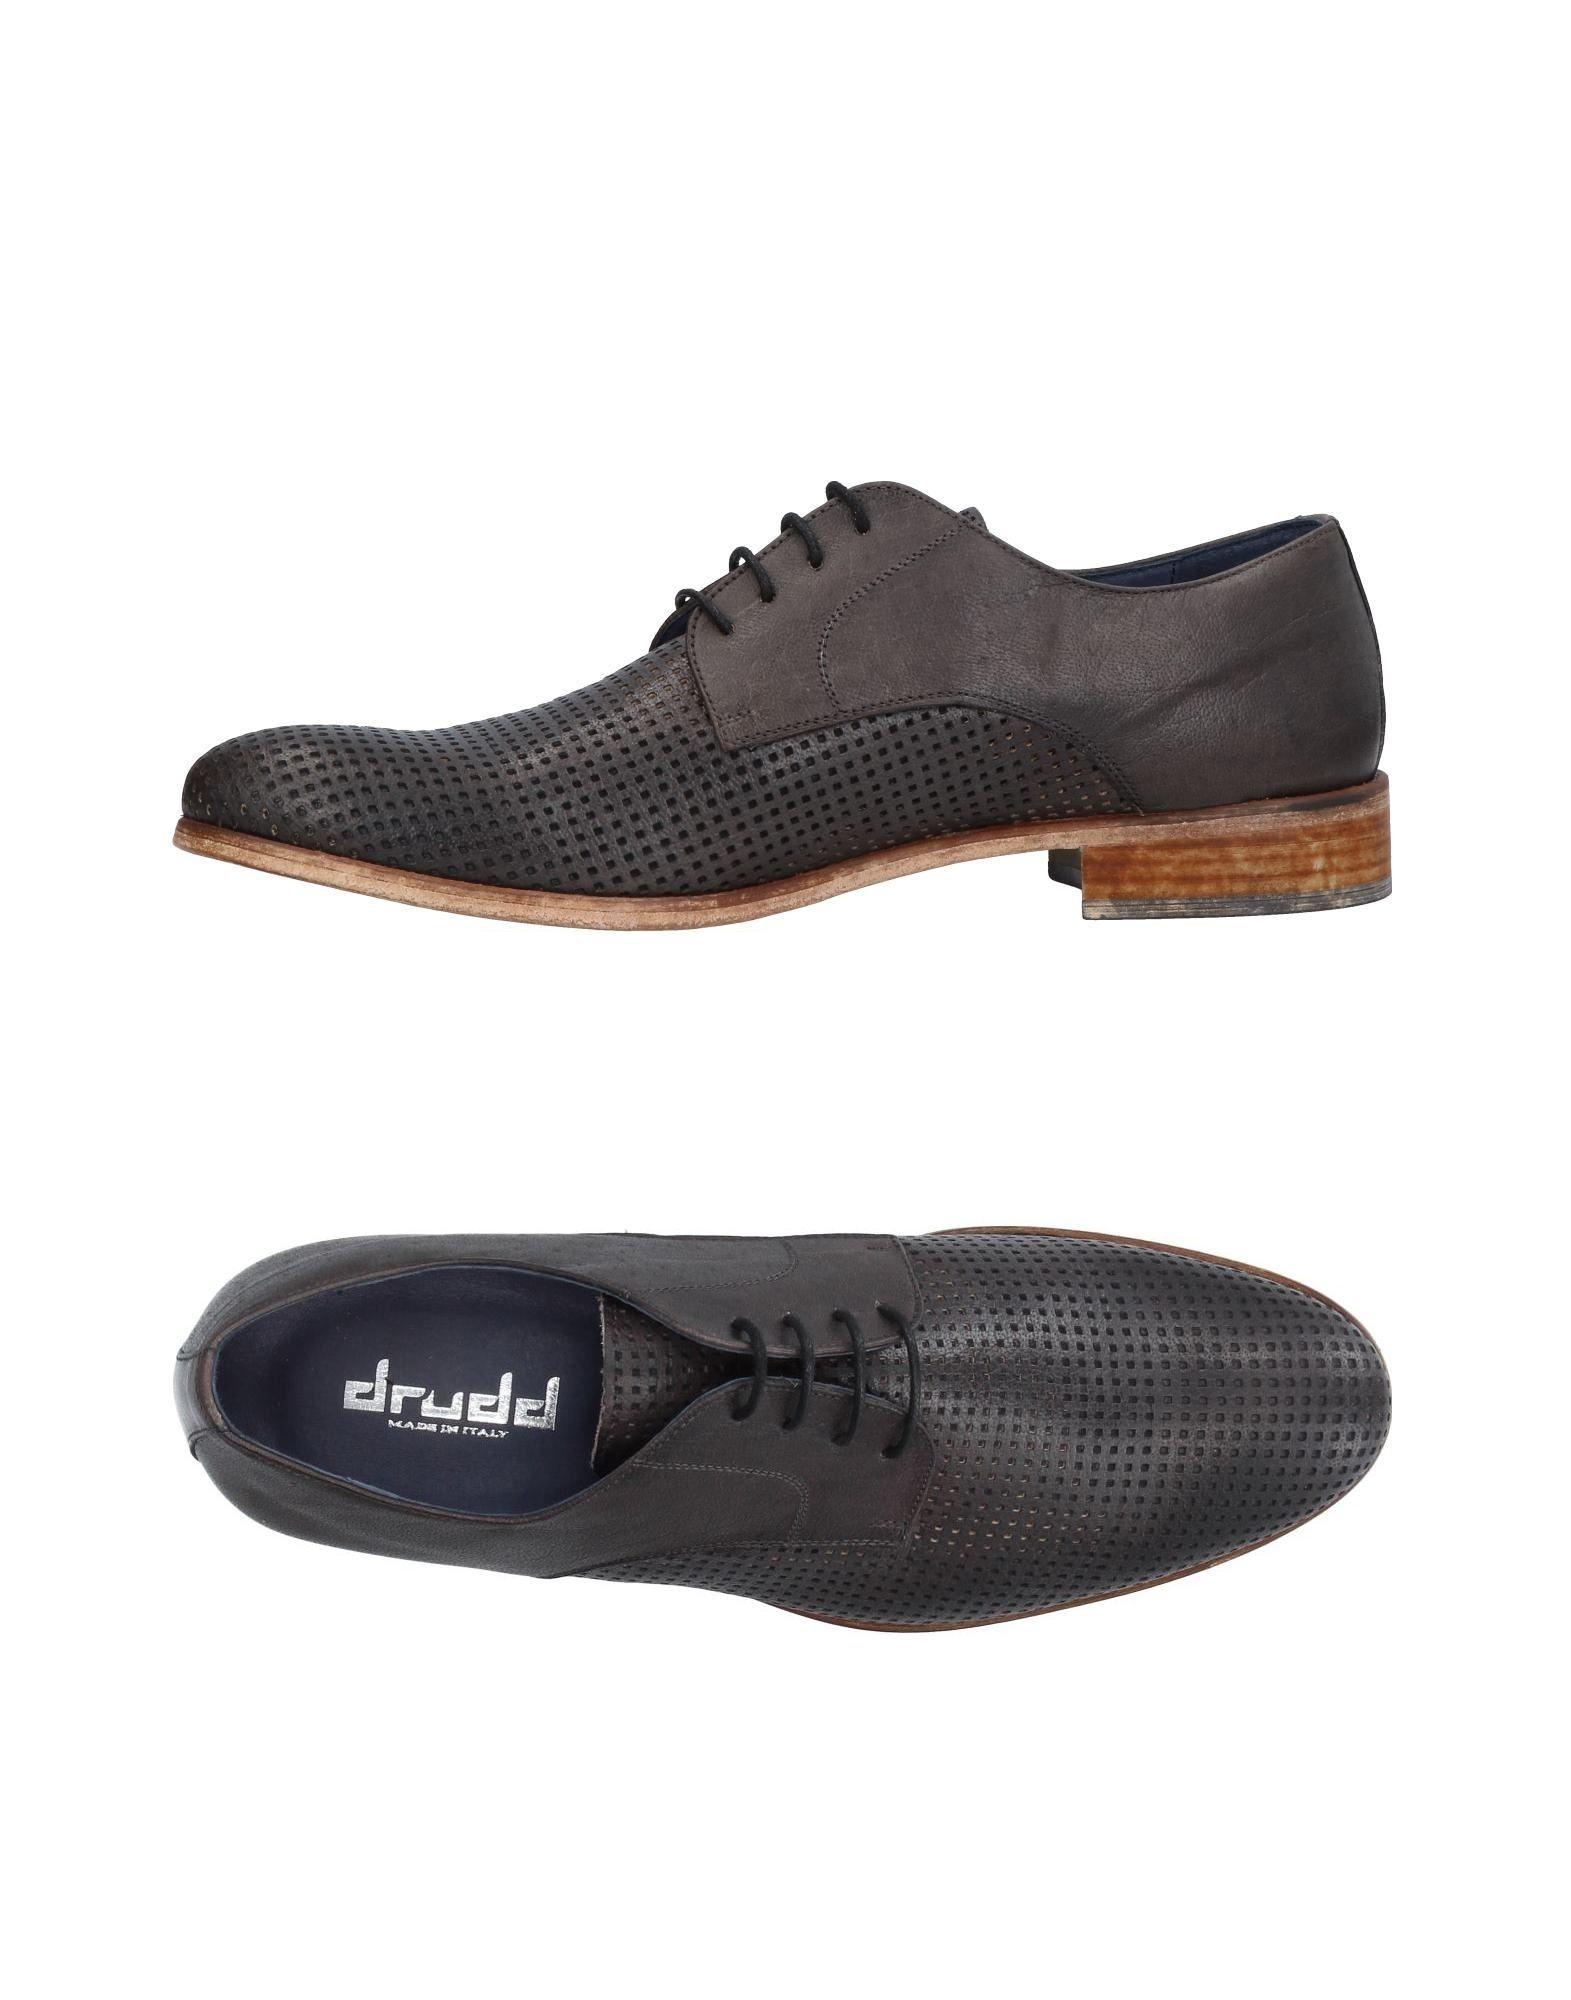 Drudd Schnürschuhe Herren  11377003OH Heiße Schuhe